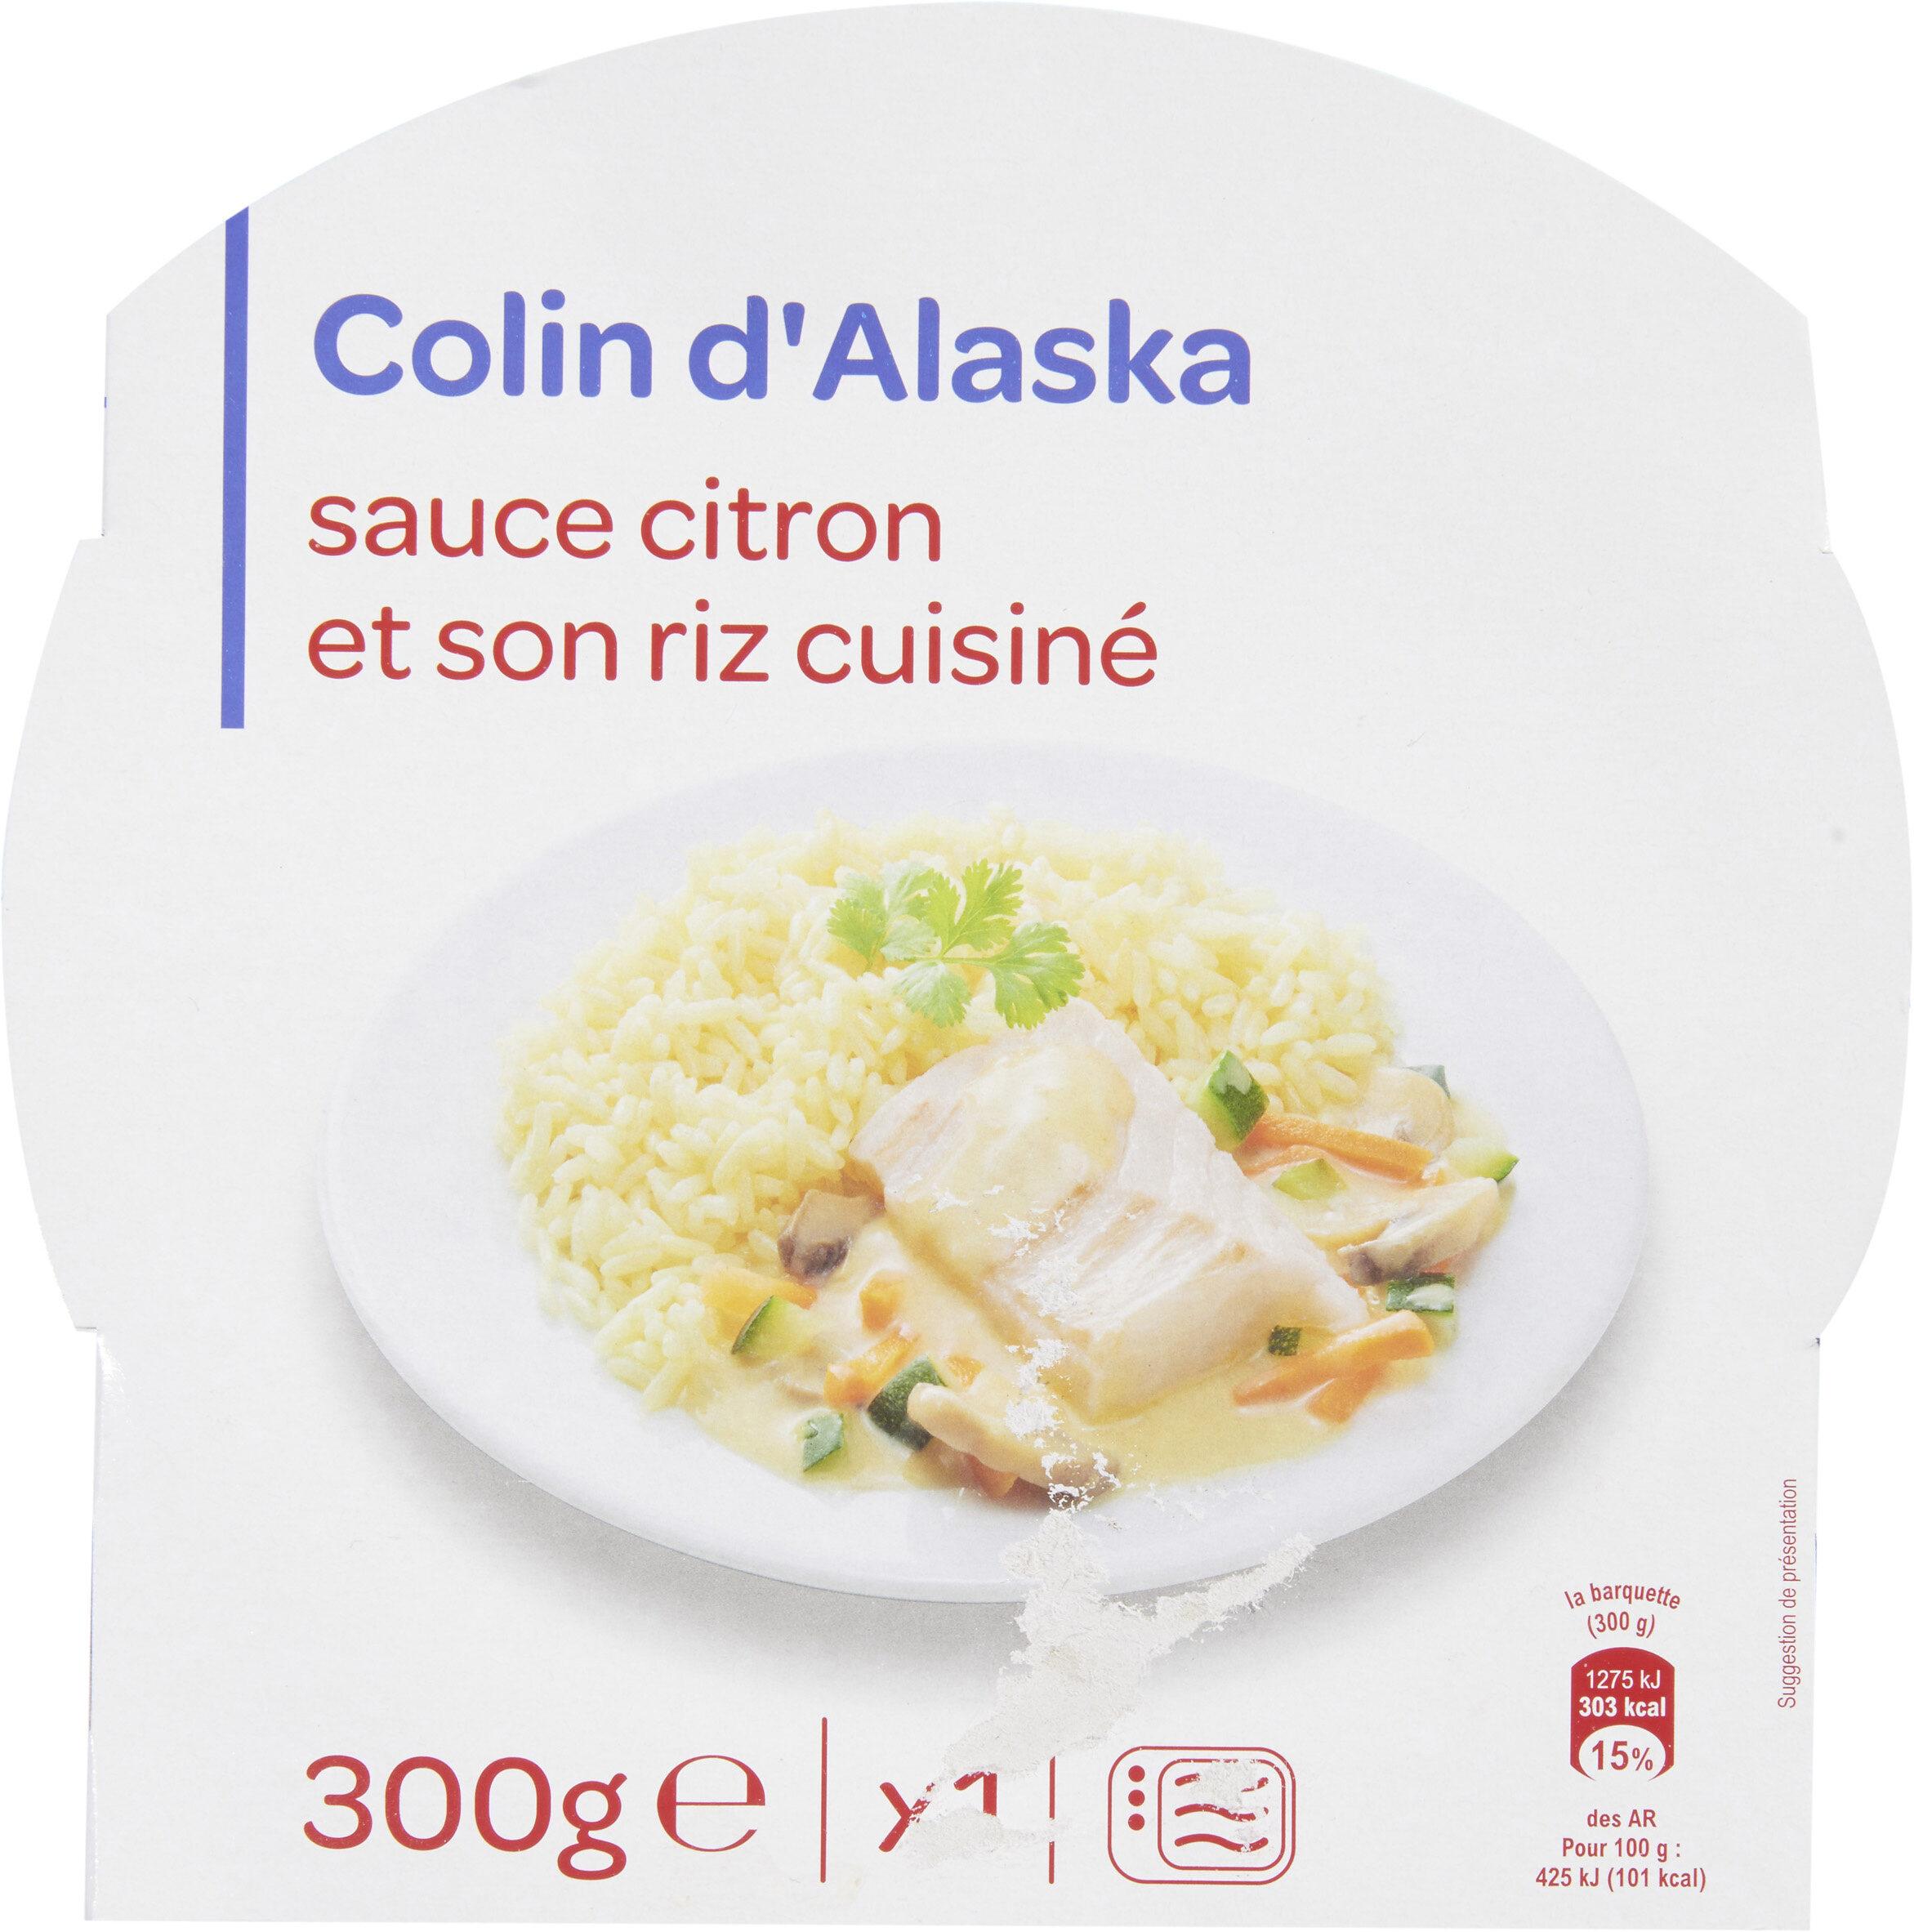 Colin d'Alaska sauce citron et riz safrané - Produit - fr